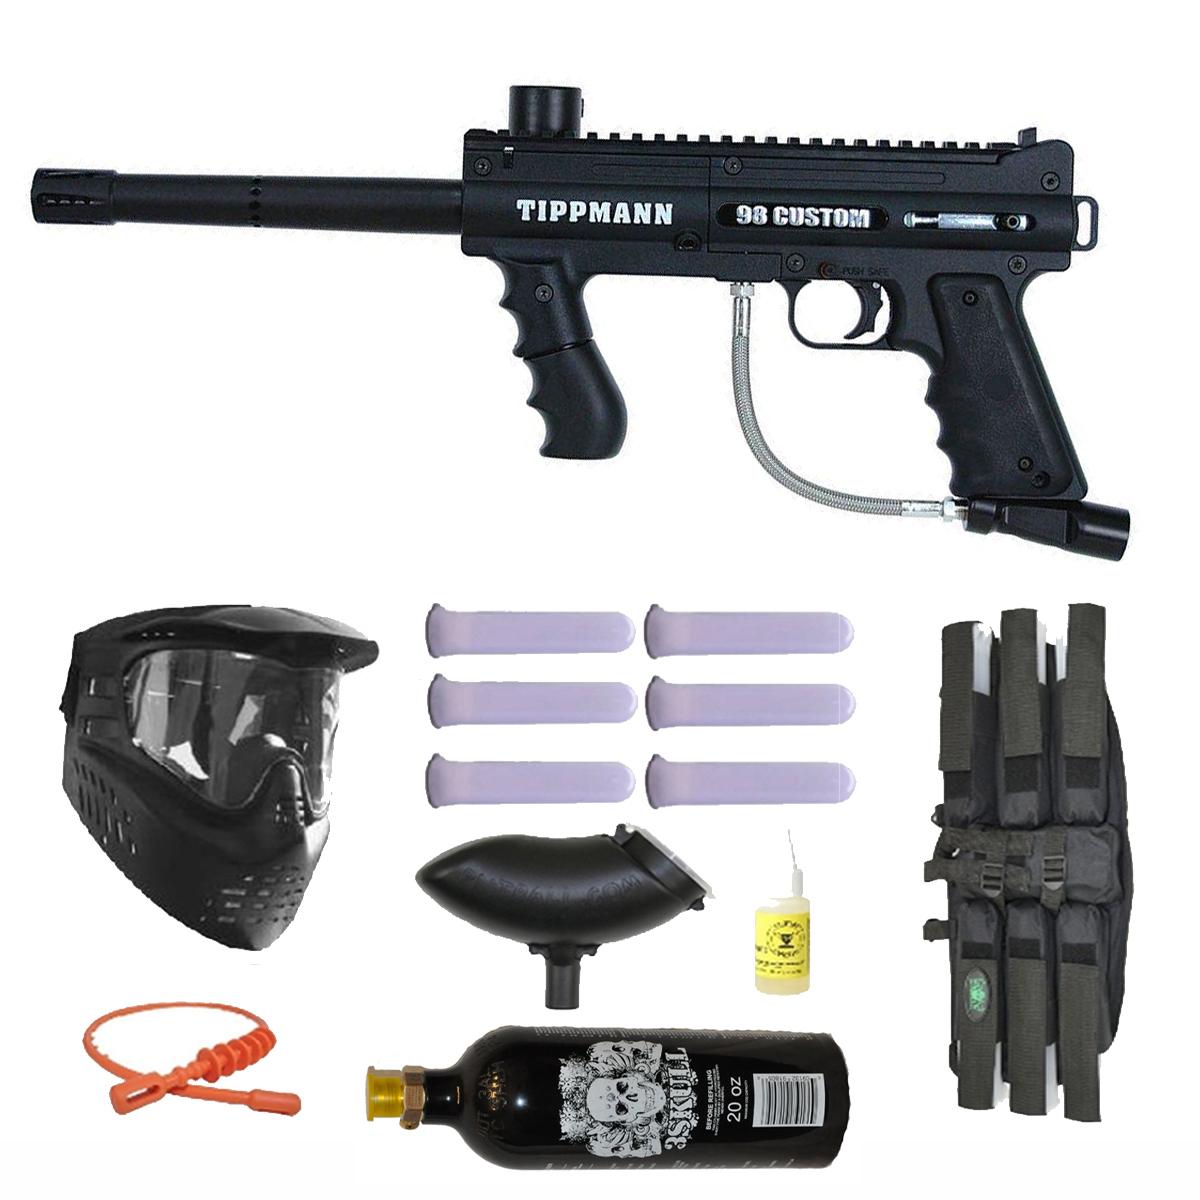 paintball gun - photo #45